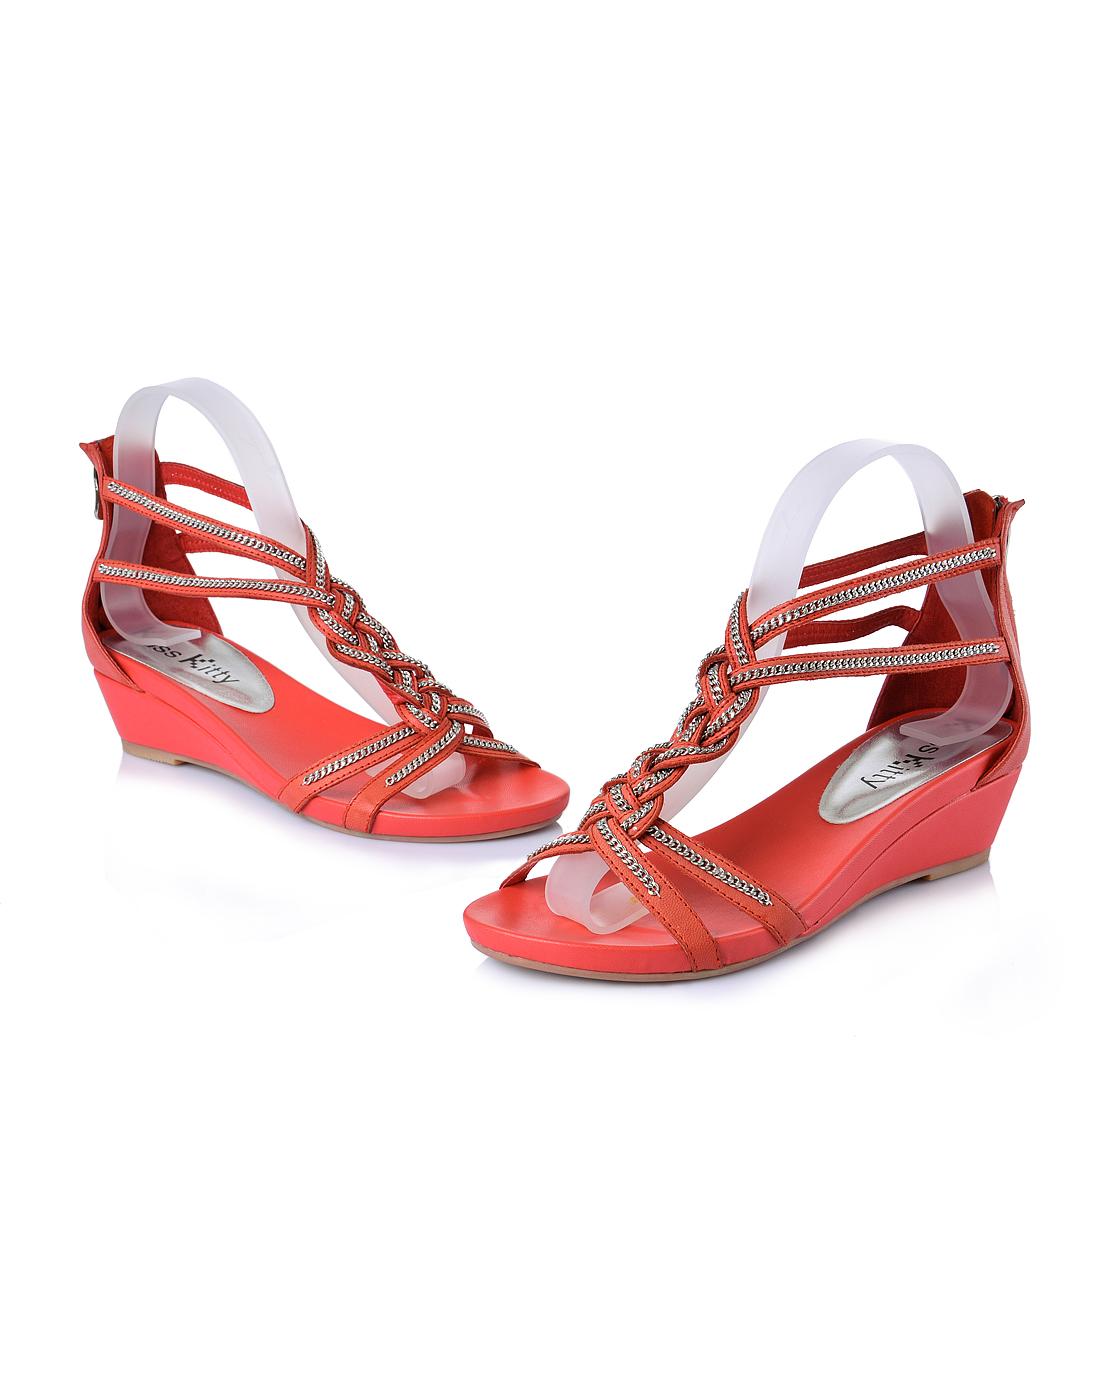 女款红色大圆头低跟条带凉鞋